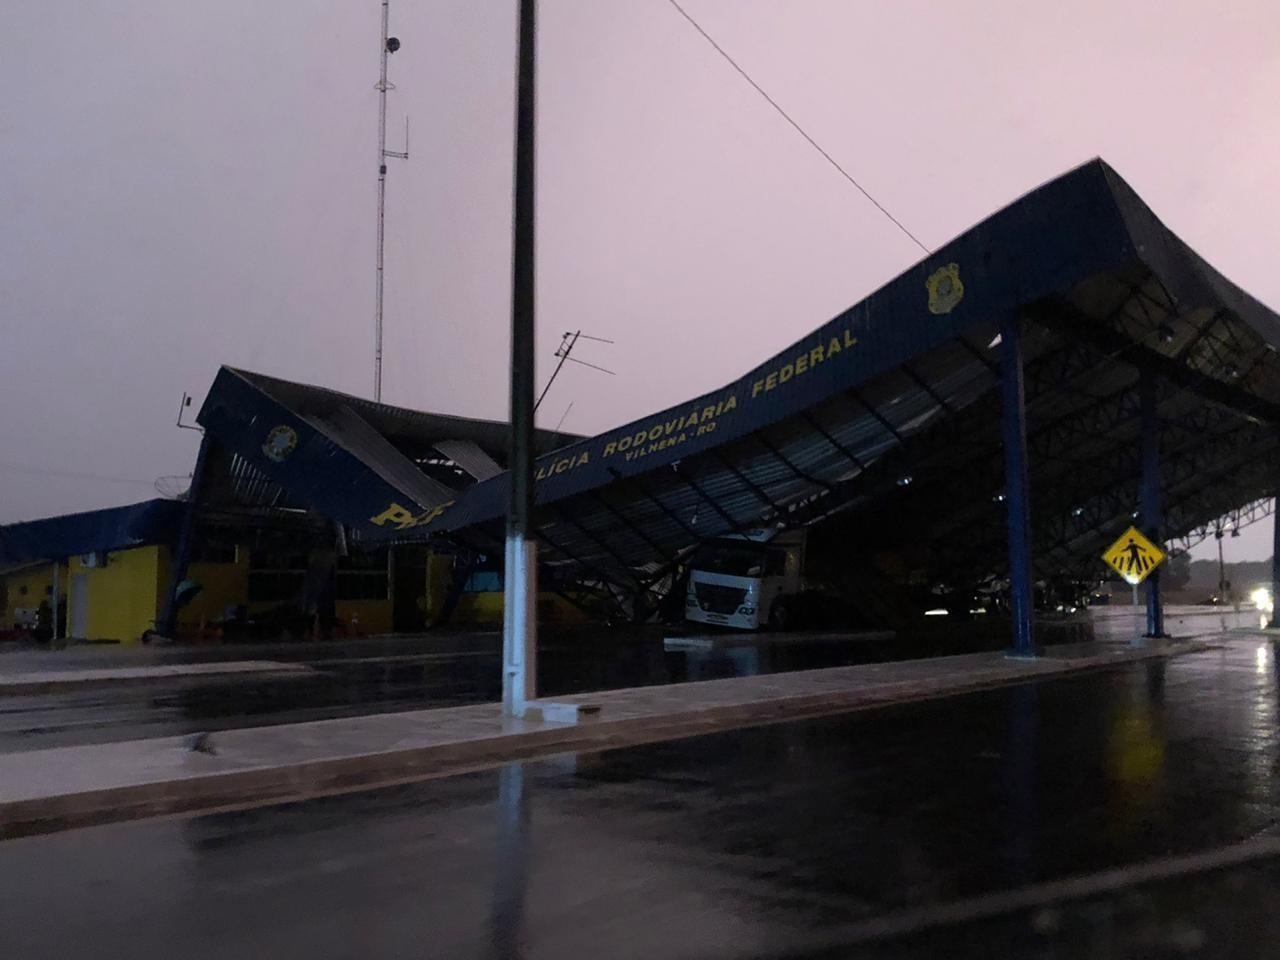 Estrutura metálica da PRF desaba e atinge caminhão durante forte chuva em Vilhena, RO